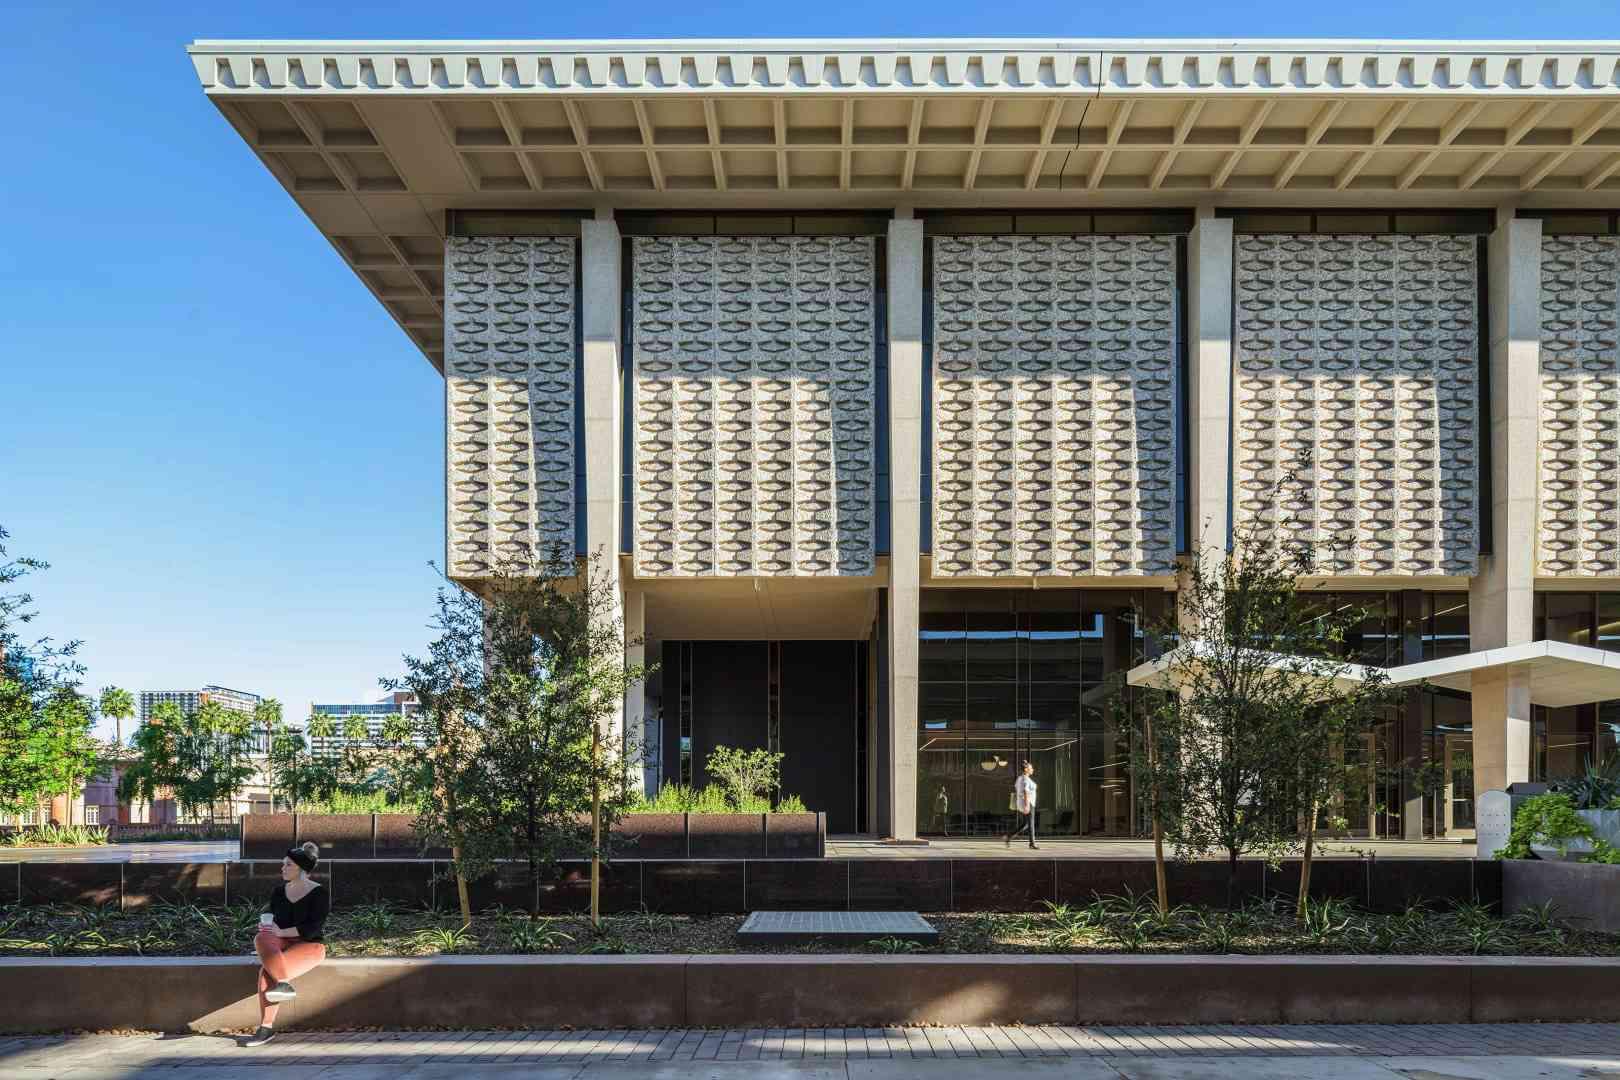 Arizona State University Hayden Library Reinvention